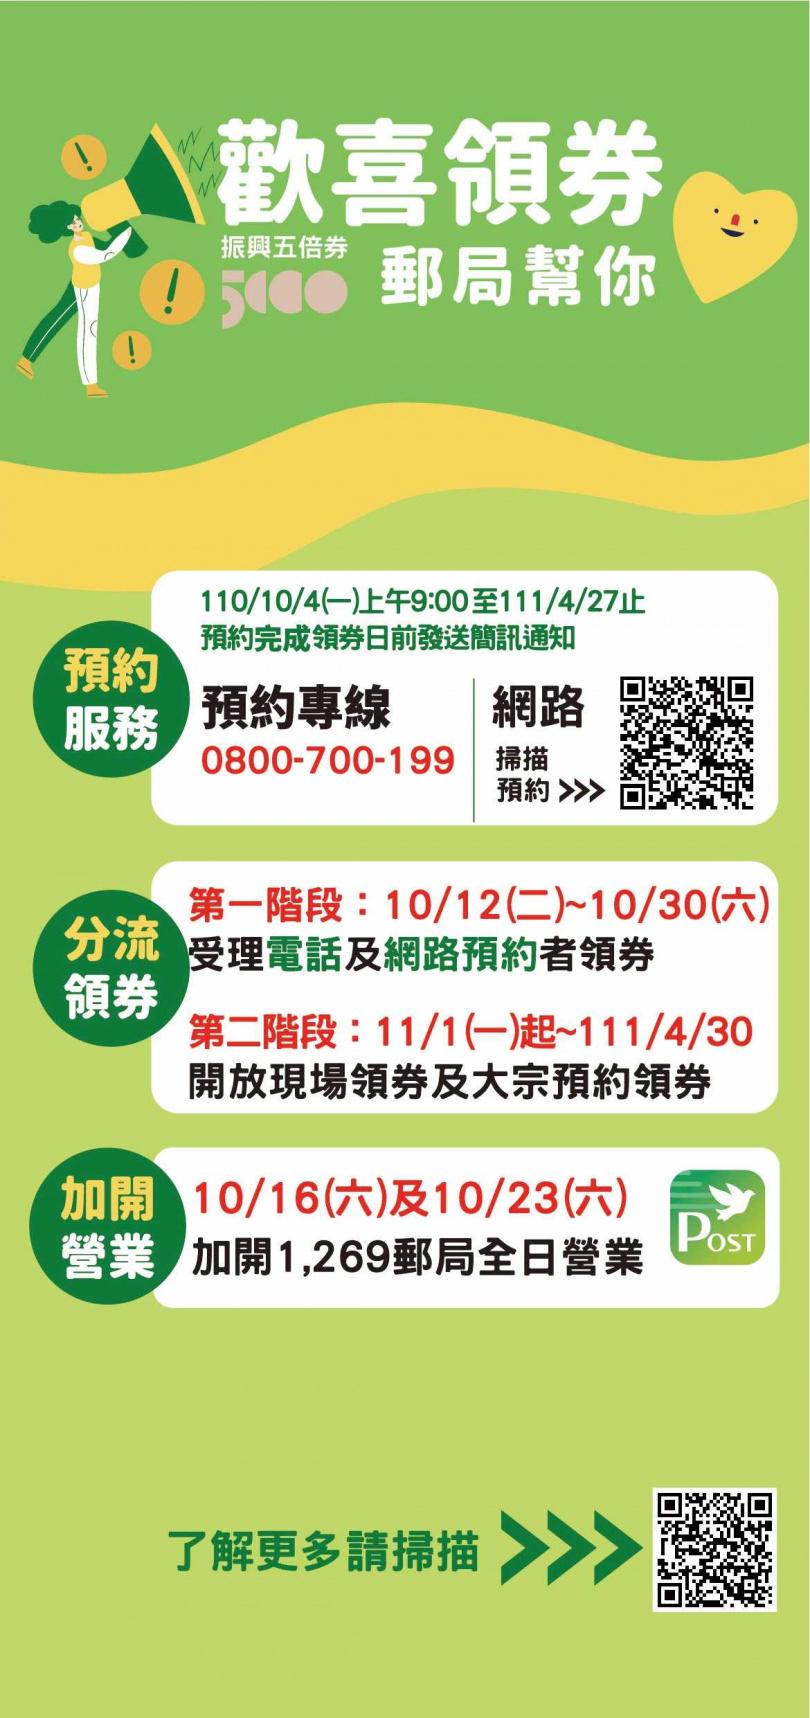 郵局領取紙本振興五倍券的說明流程圖。(圖/中華郵政提供)